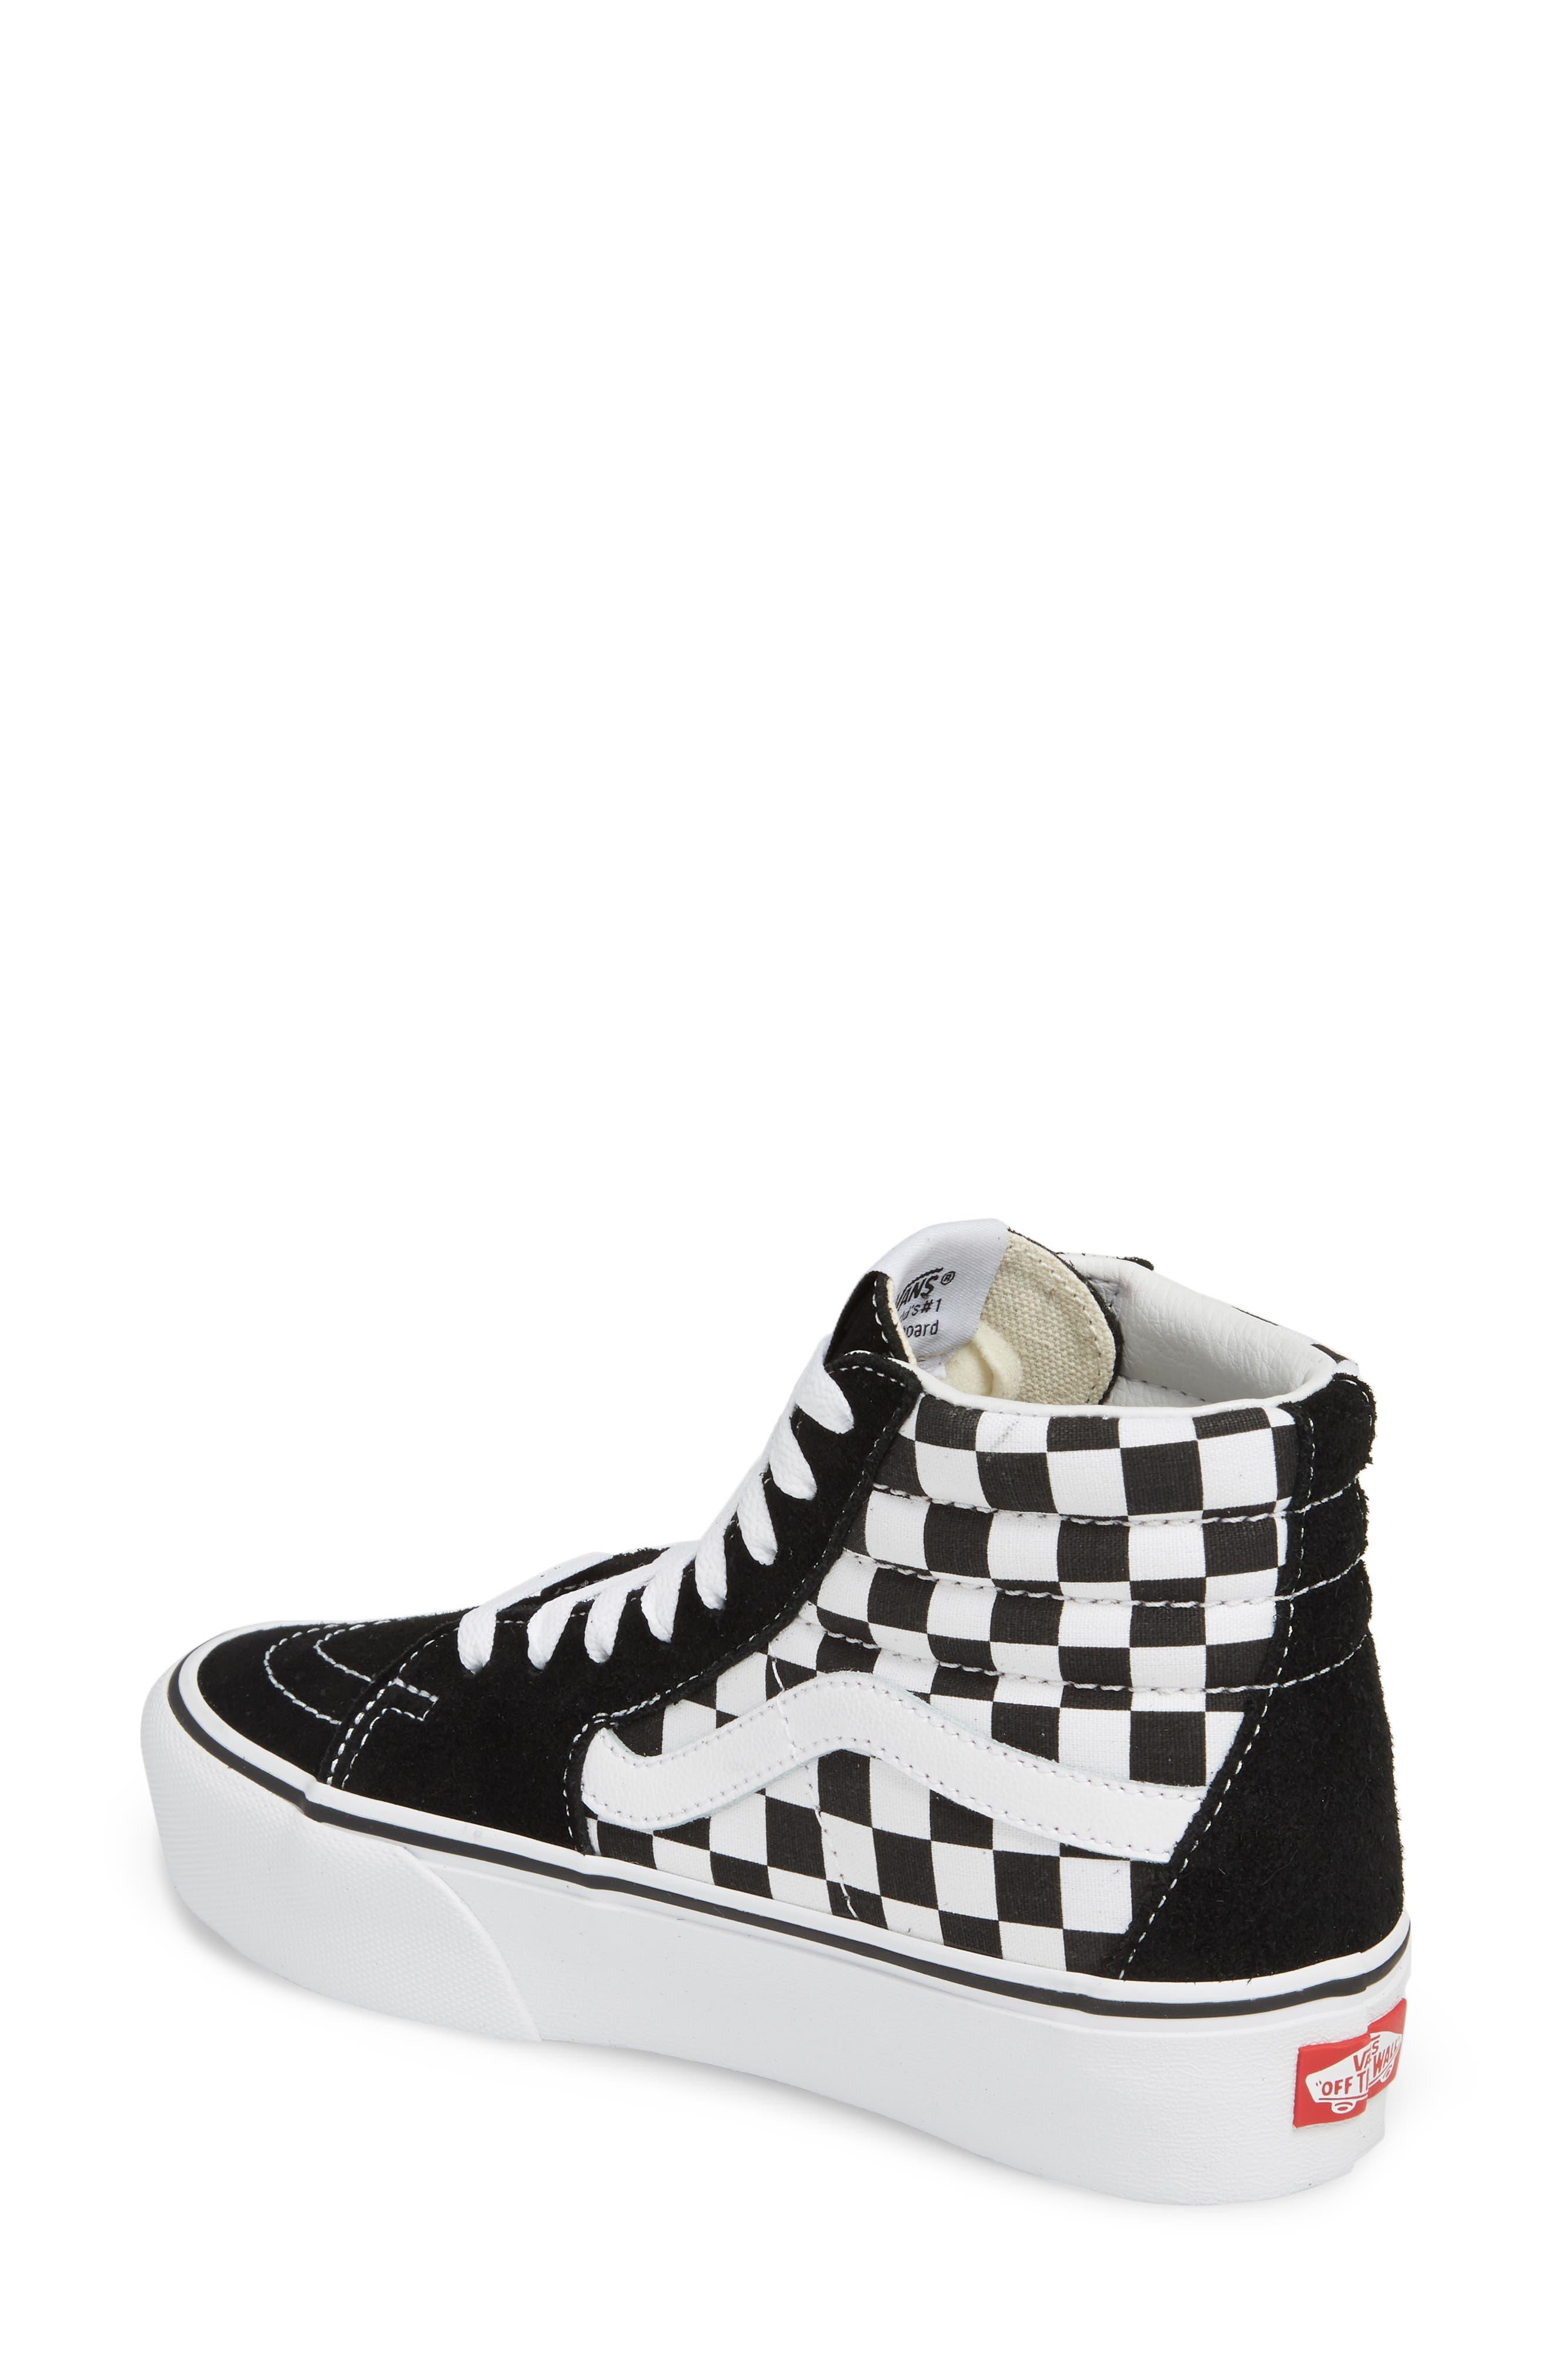 UA Sk8-Hi Platform Checkerboard Sneaker,                             Alternate thumbnail 2, color,                             CHECKER BOARD/ TRUE WHITE